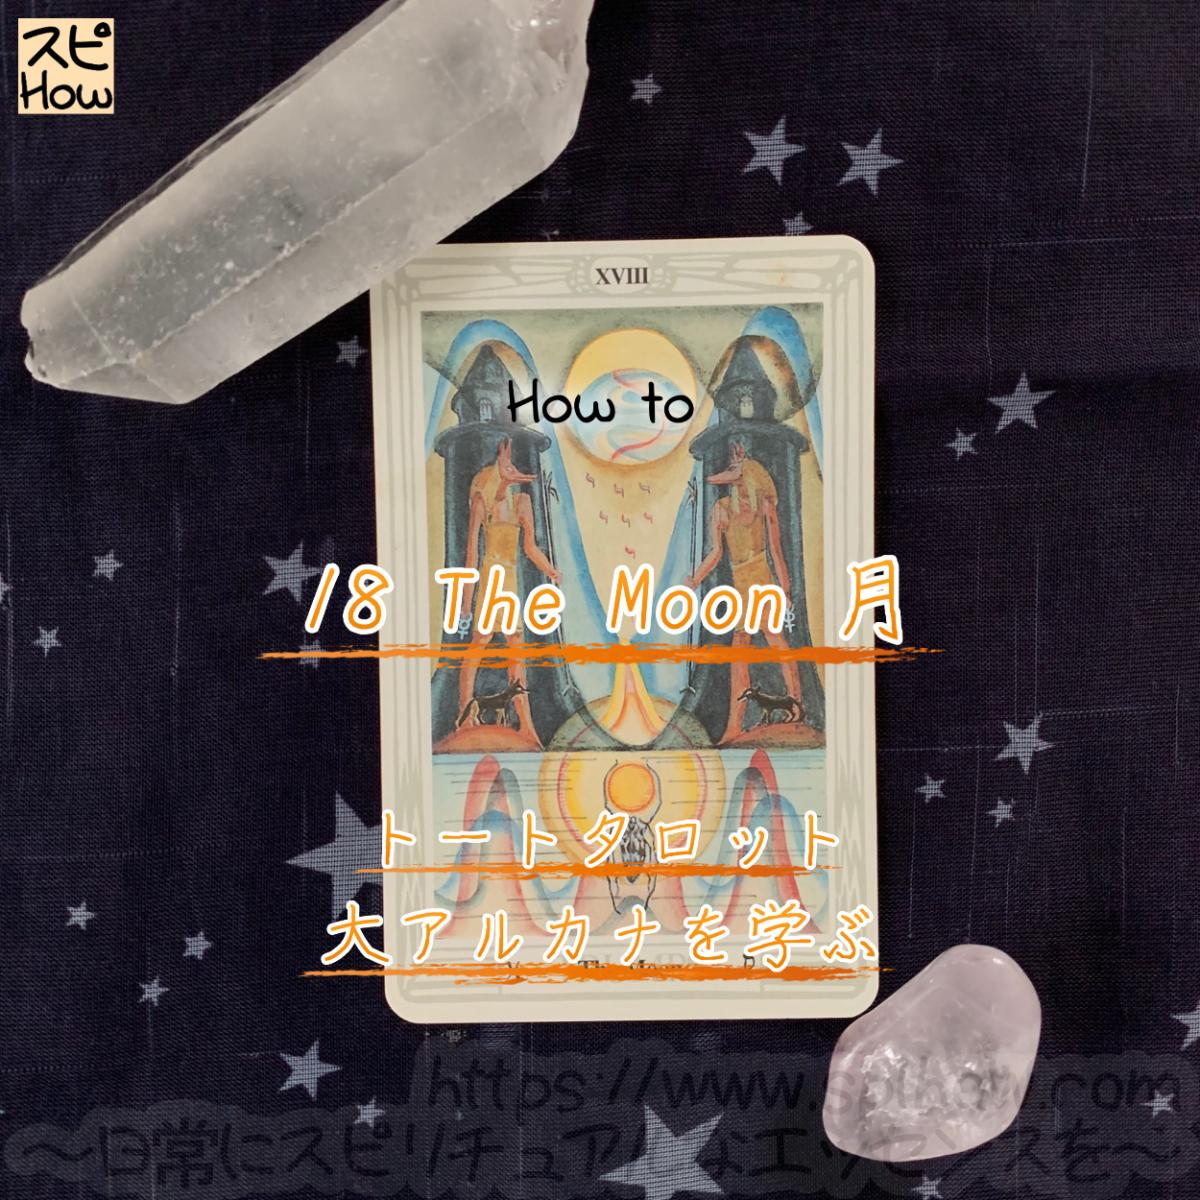 トートタロットの大アルカナを学ぶ方法!「18 The Moon 月」~曖昧なものを光で照らす~のアイキャッチ画像